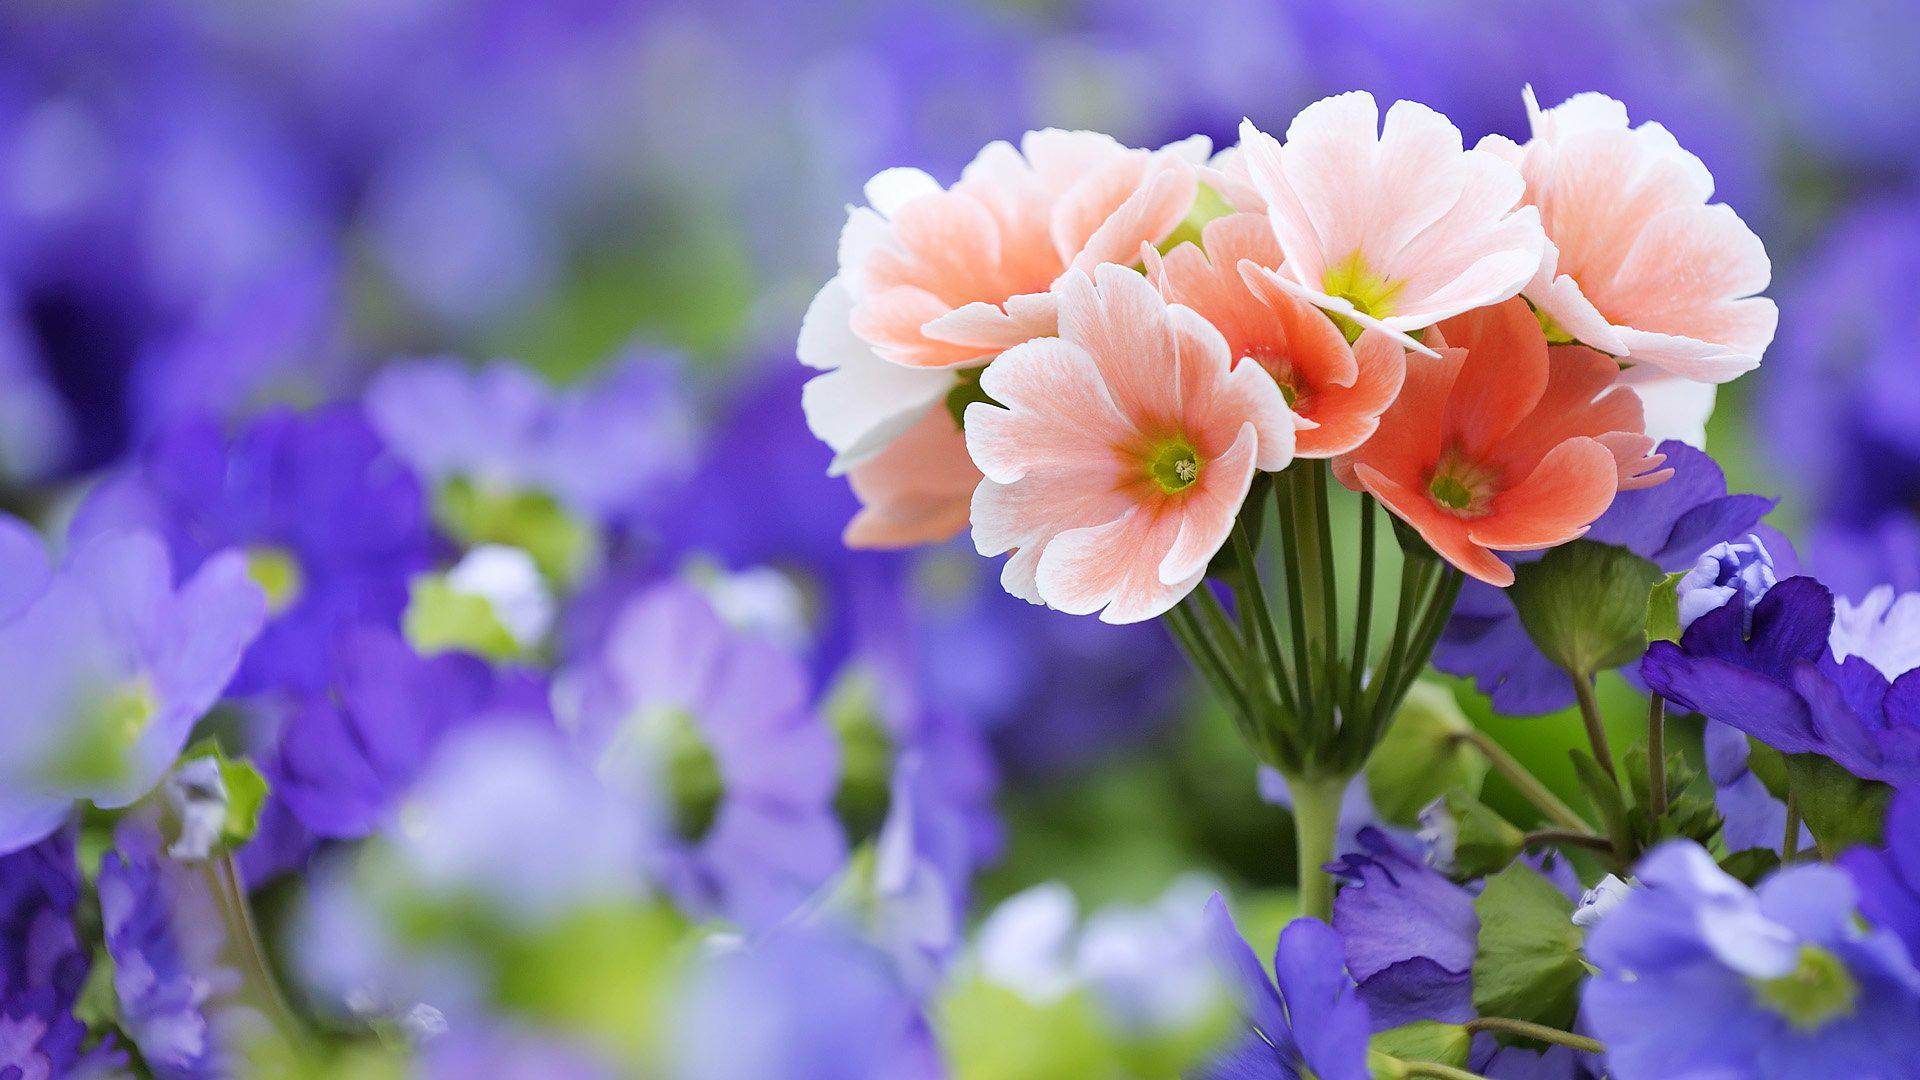 صور تنزيل صور جميلة , صور جميله ورائعه متعدت الاستخدامات